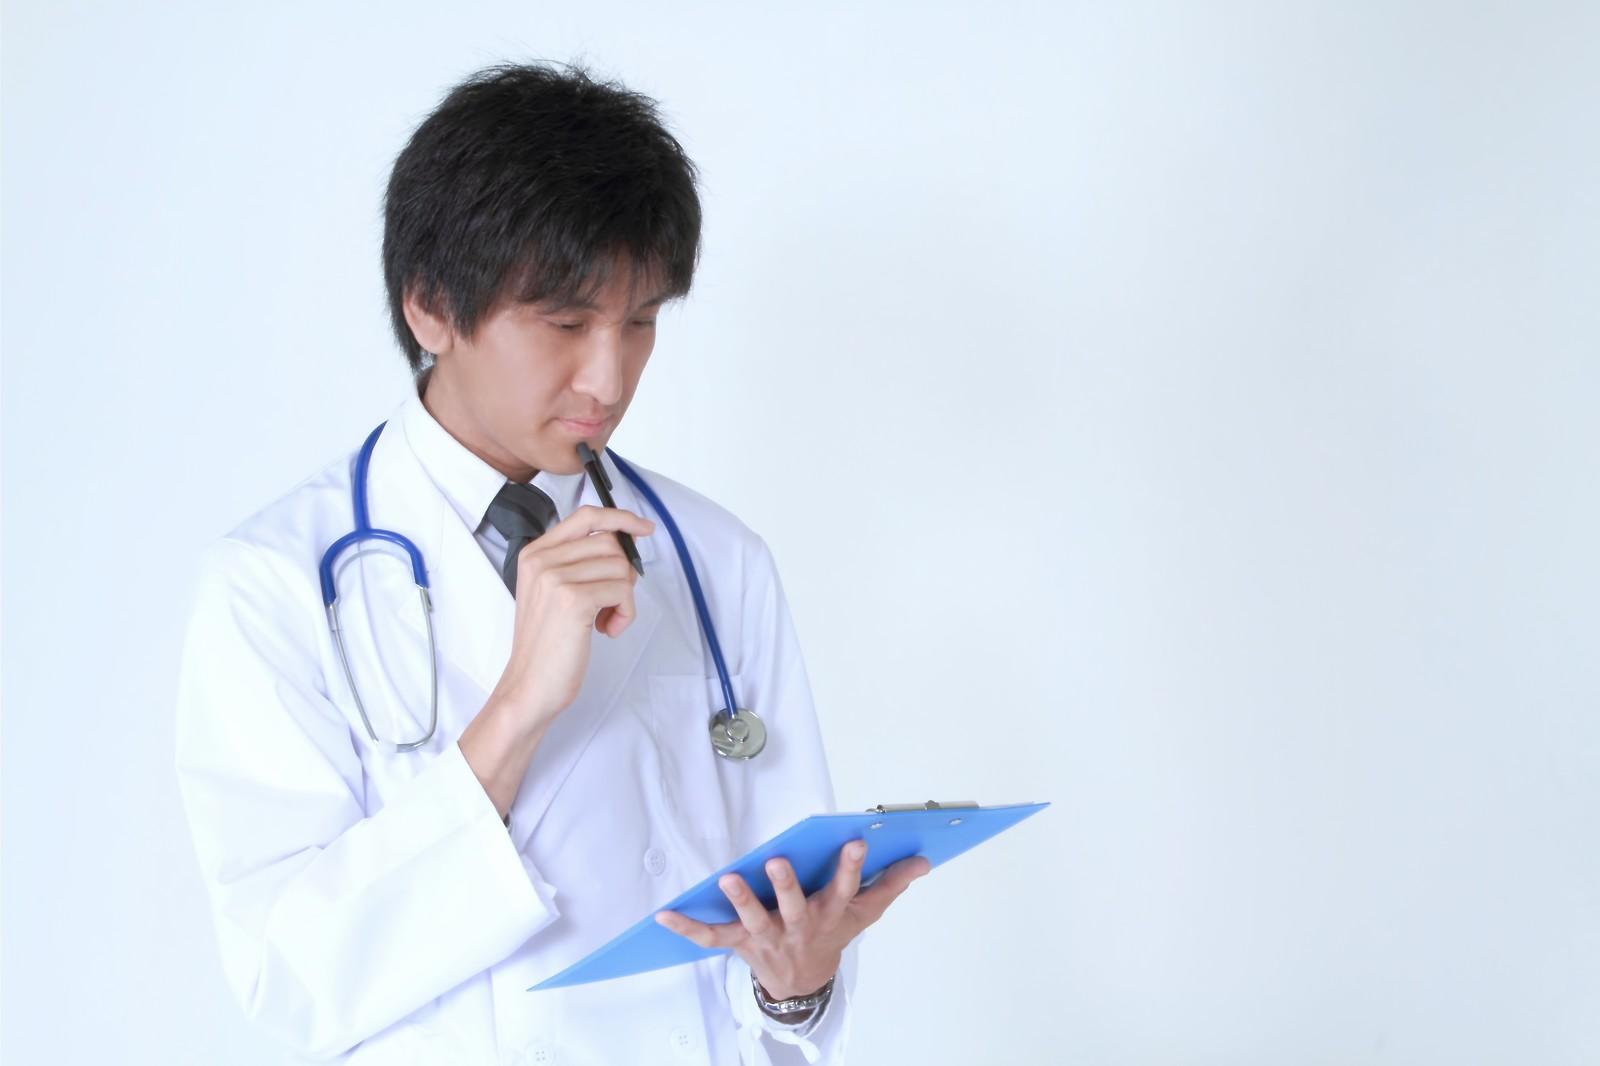 自由診療 を提供している病院・クリニックの 集患 ・ 増患 の4つのポイント!【知っているのと知らないのでは、大きな差がつく!】のサムネイル